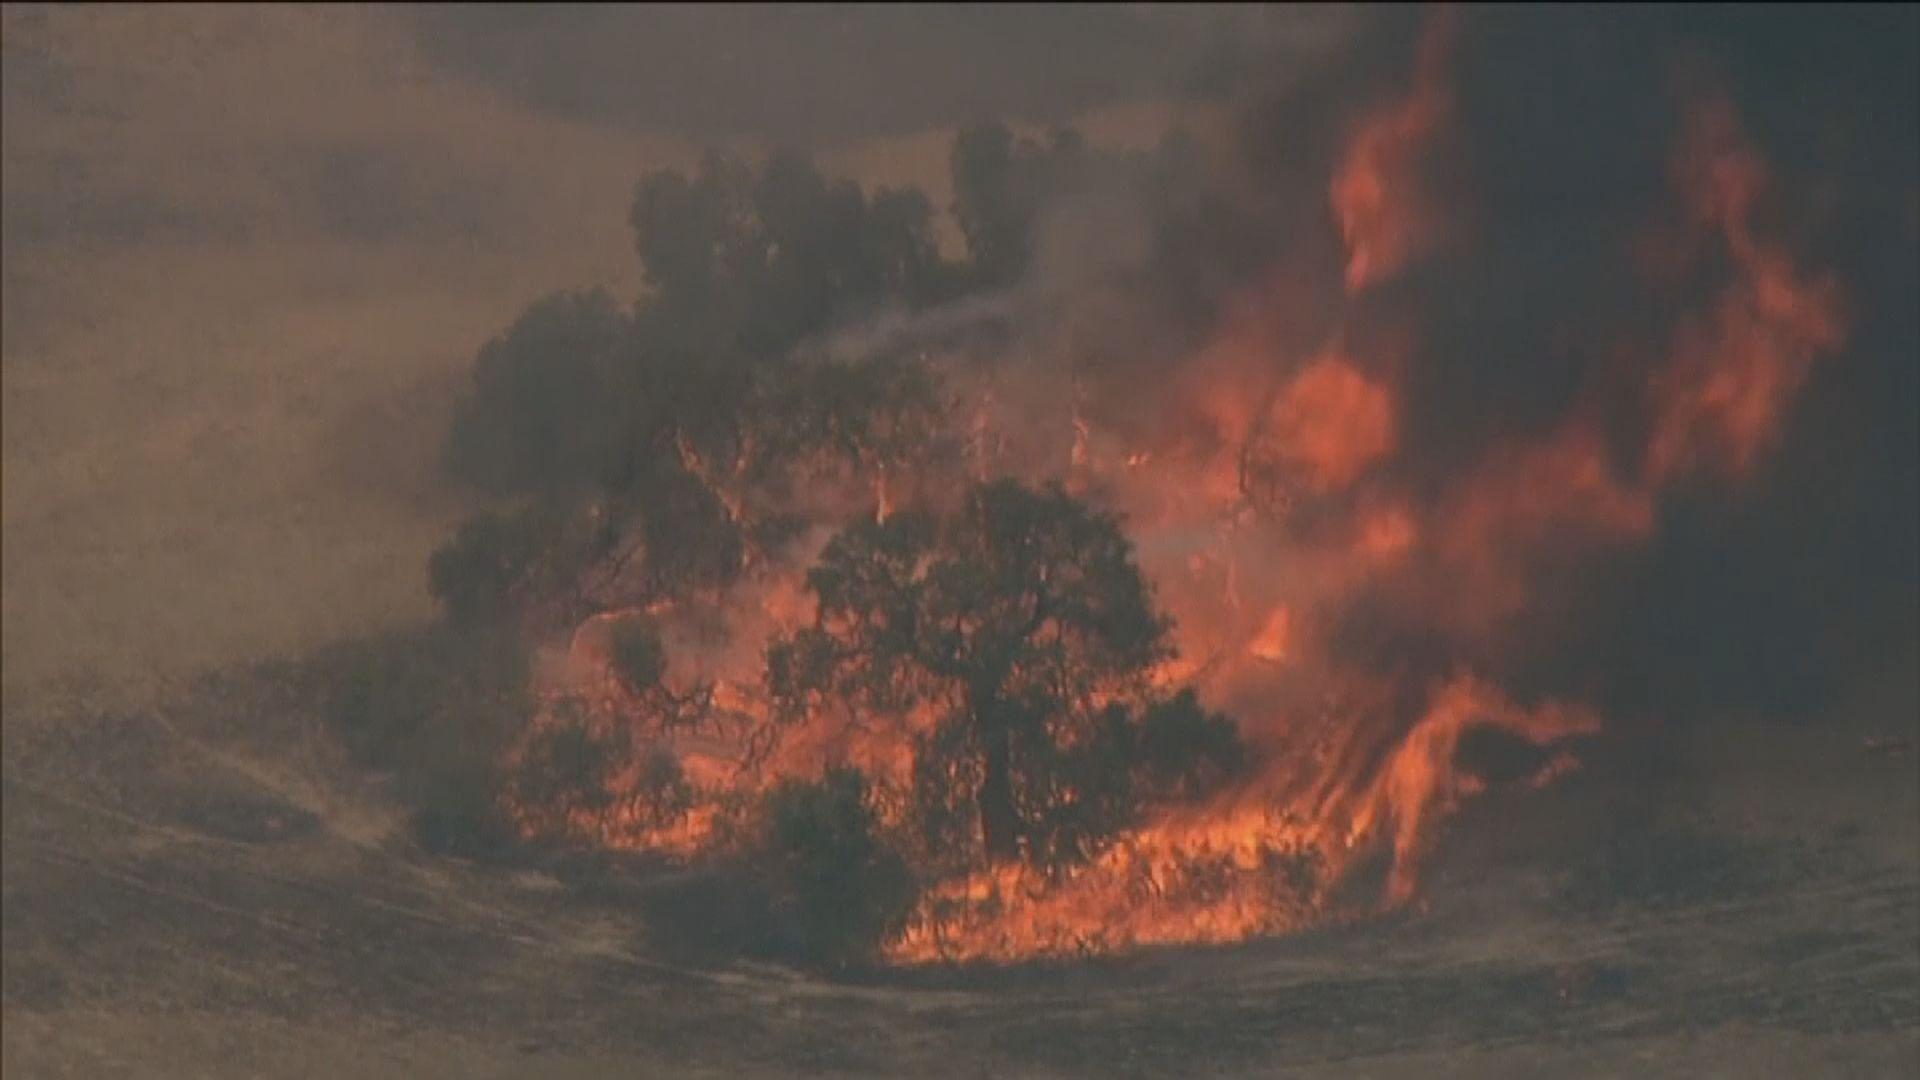 澳洲新南威爾士州山火仍未受控 大量房屋被焚毀